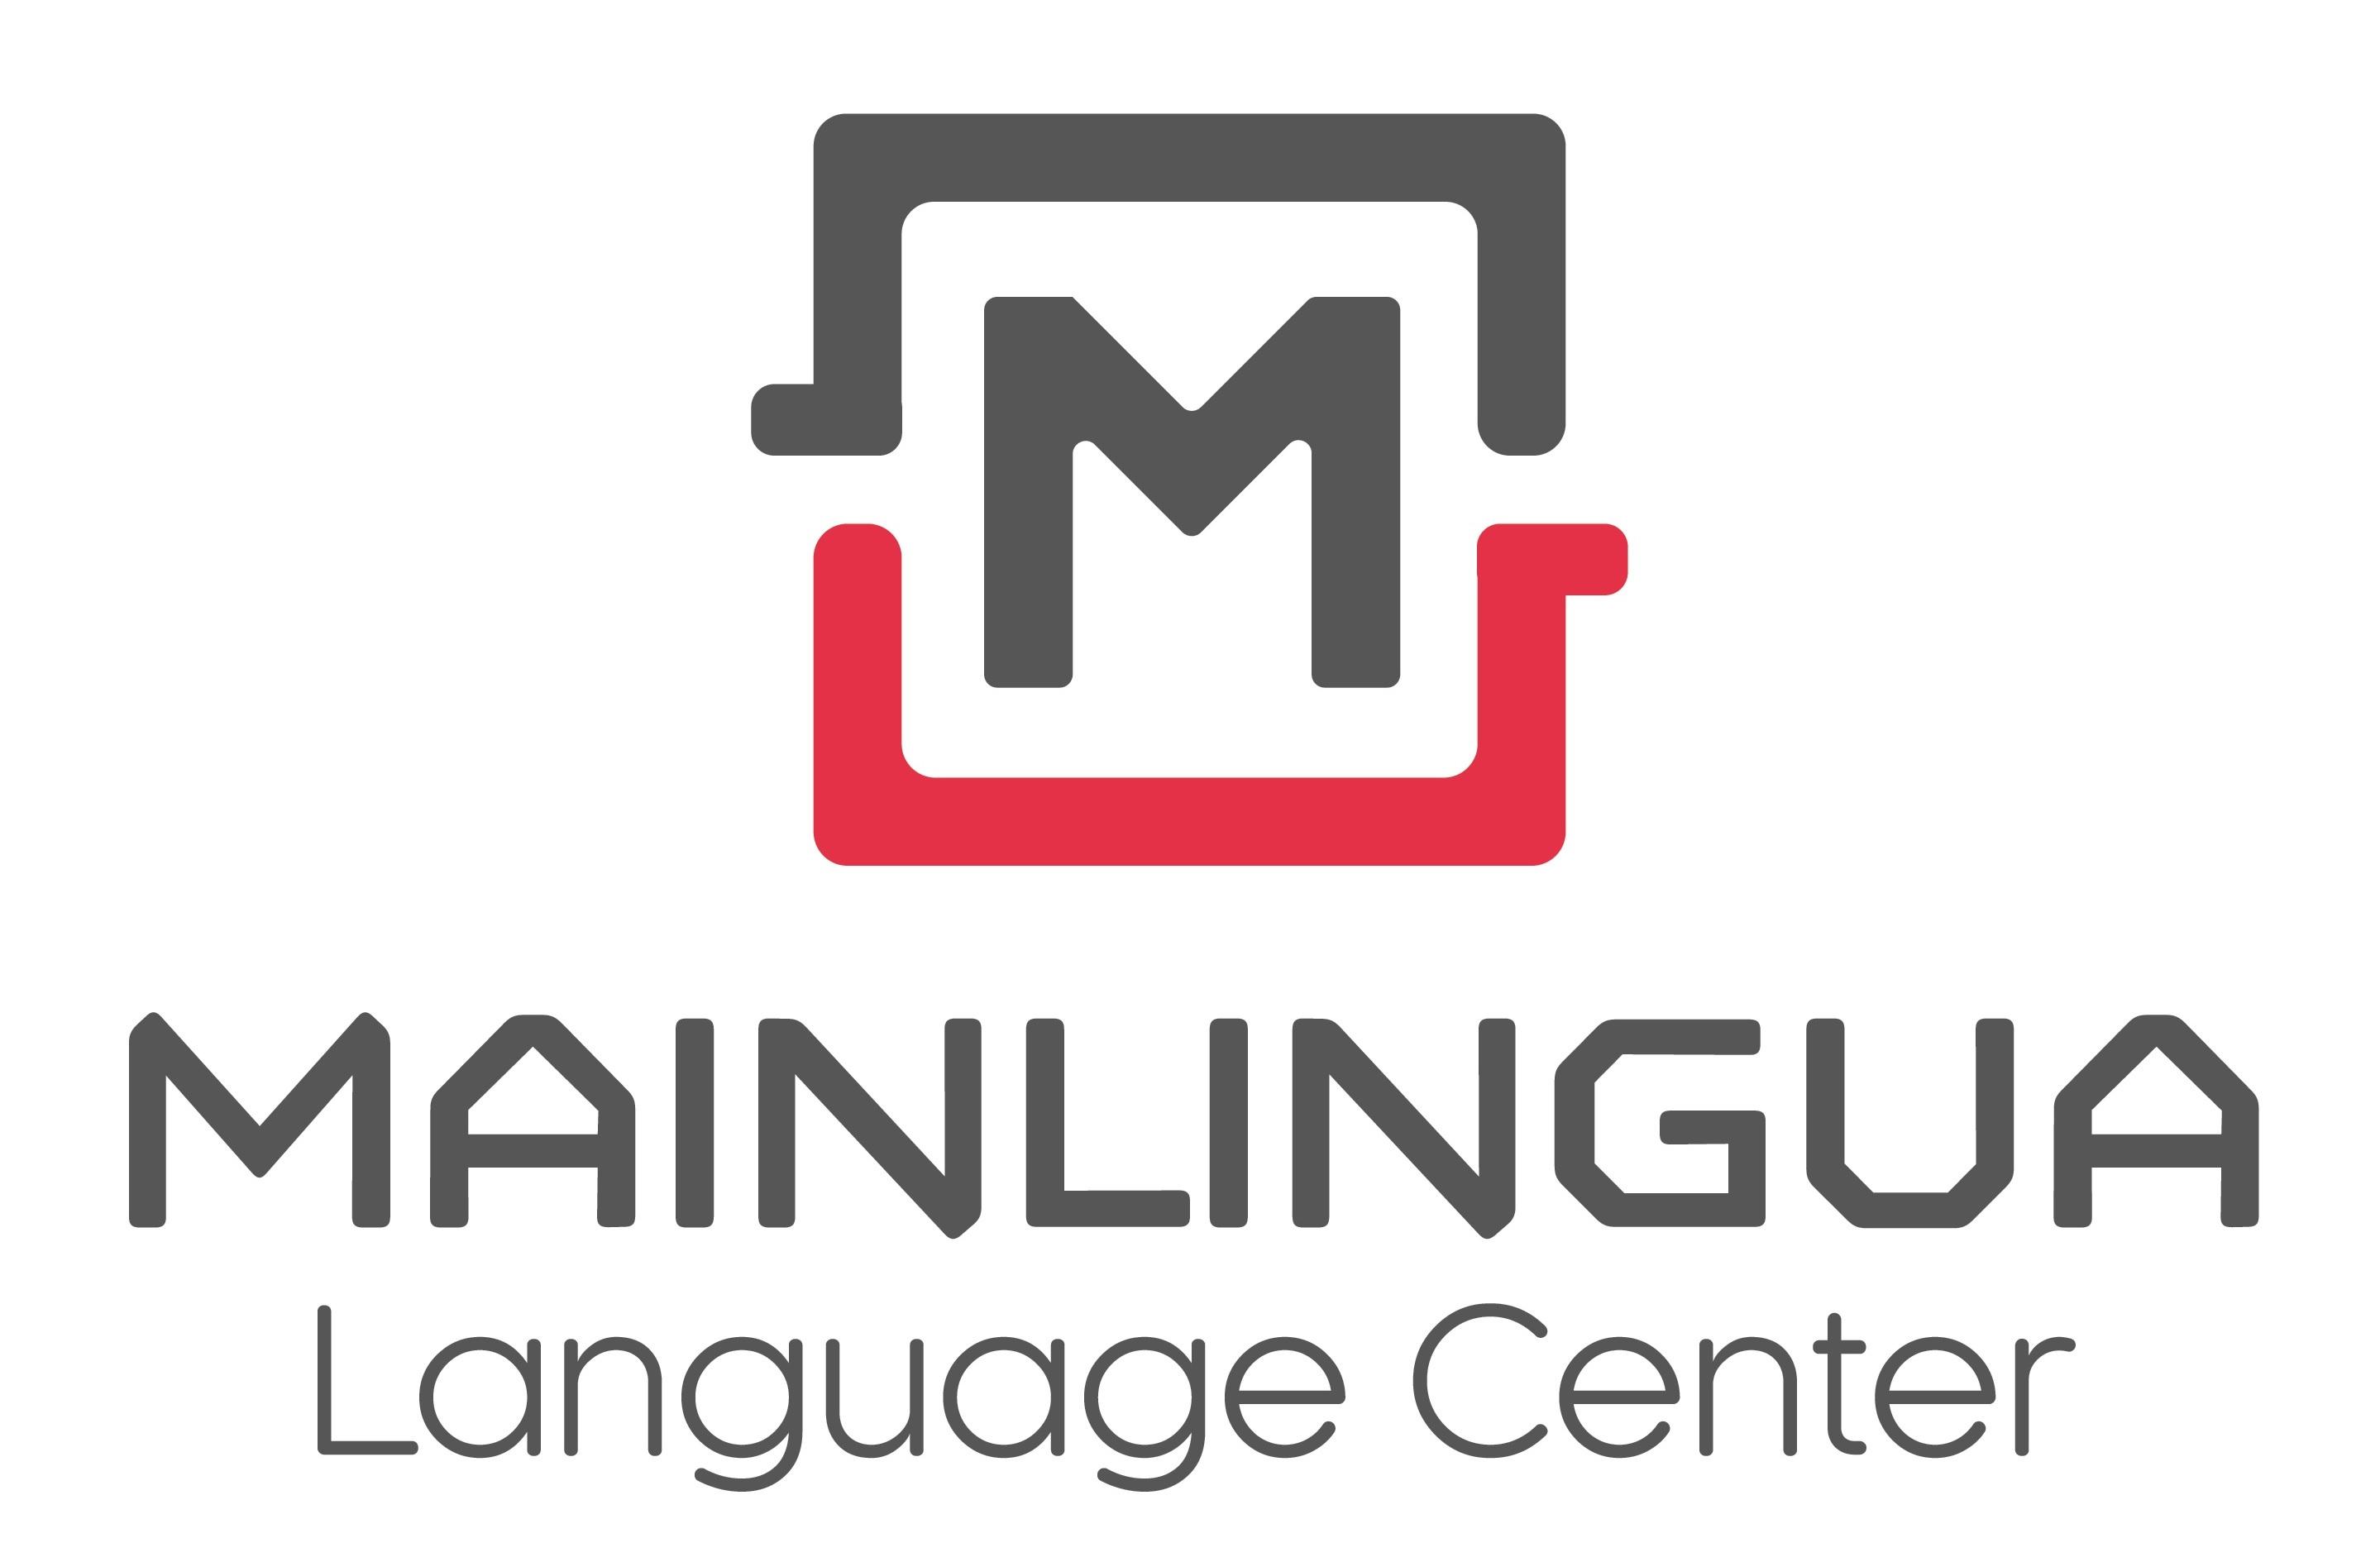 MainLingua